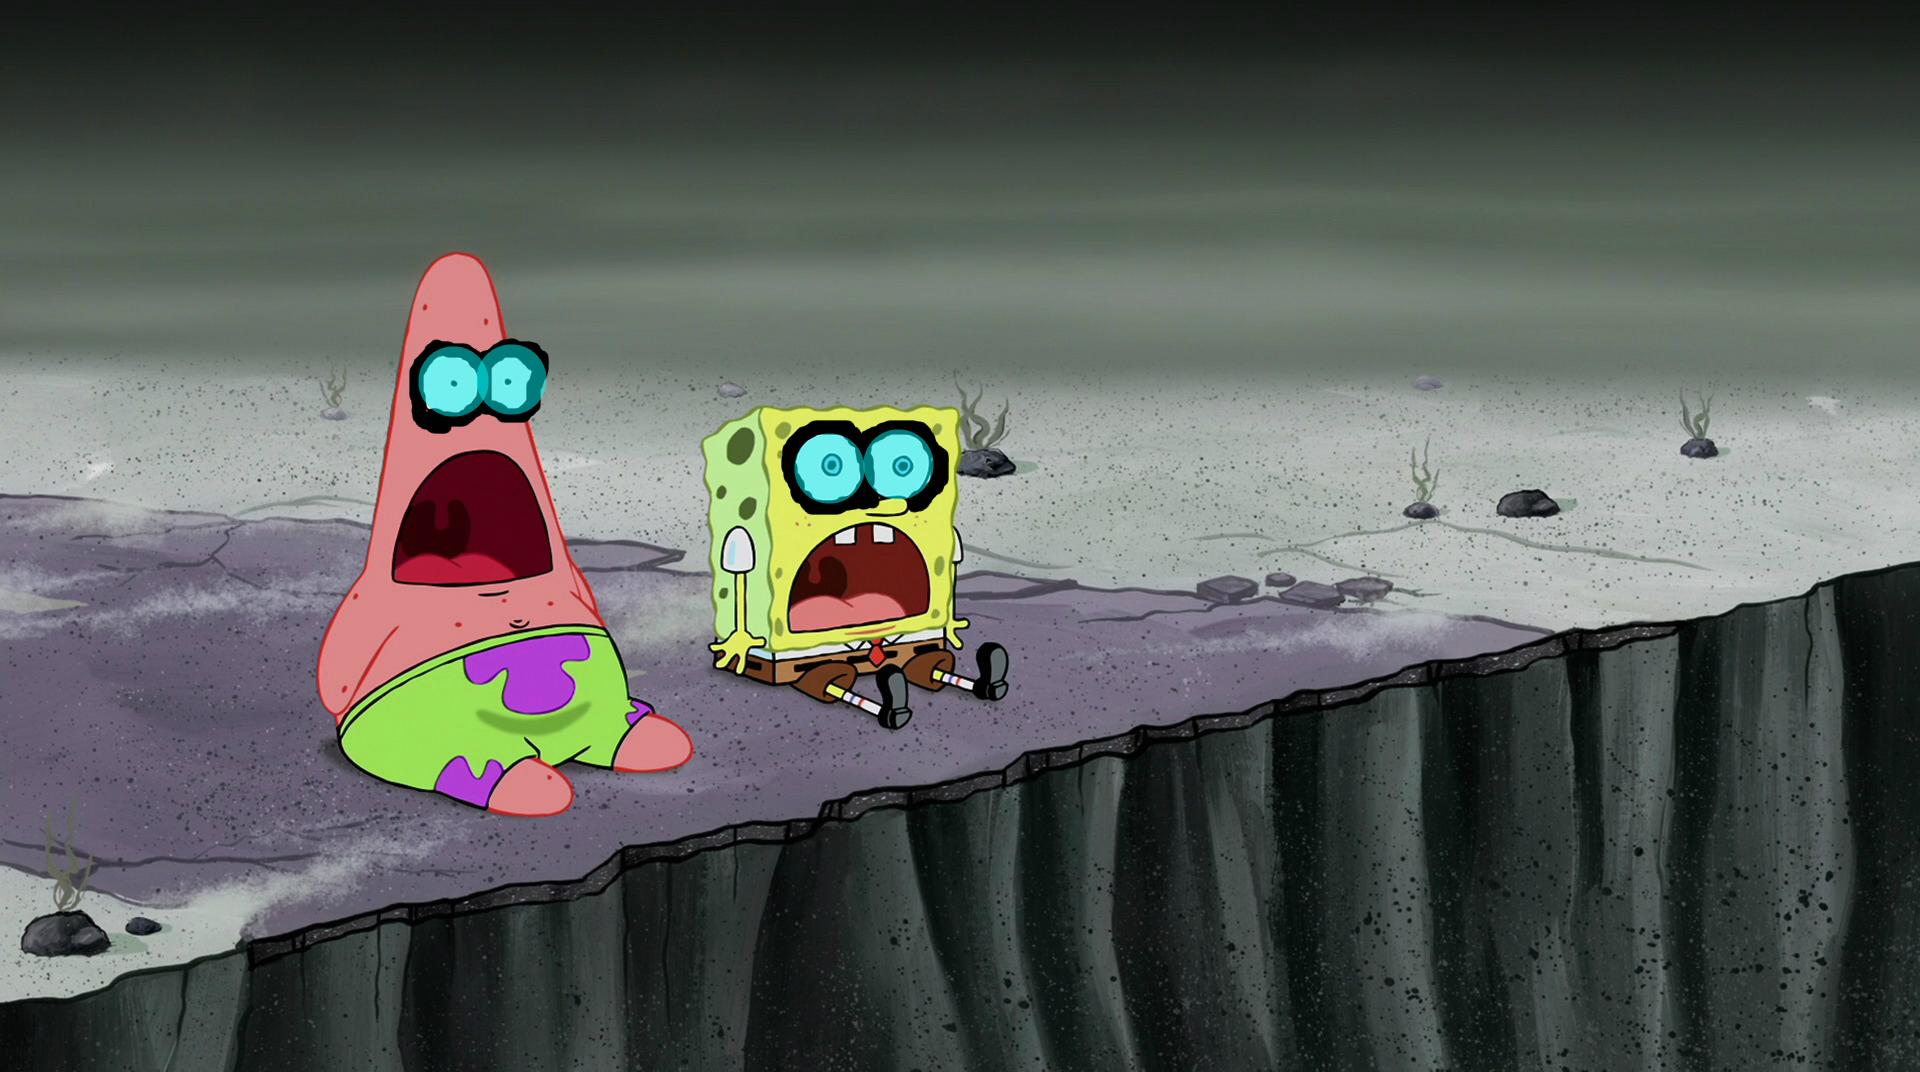 Screenslaved Spongebob Squarepants and Patrick Star